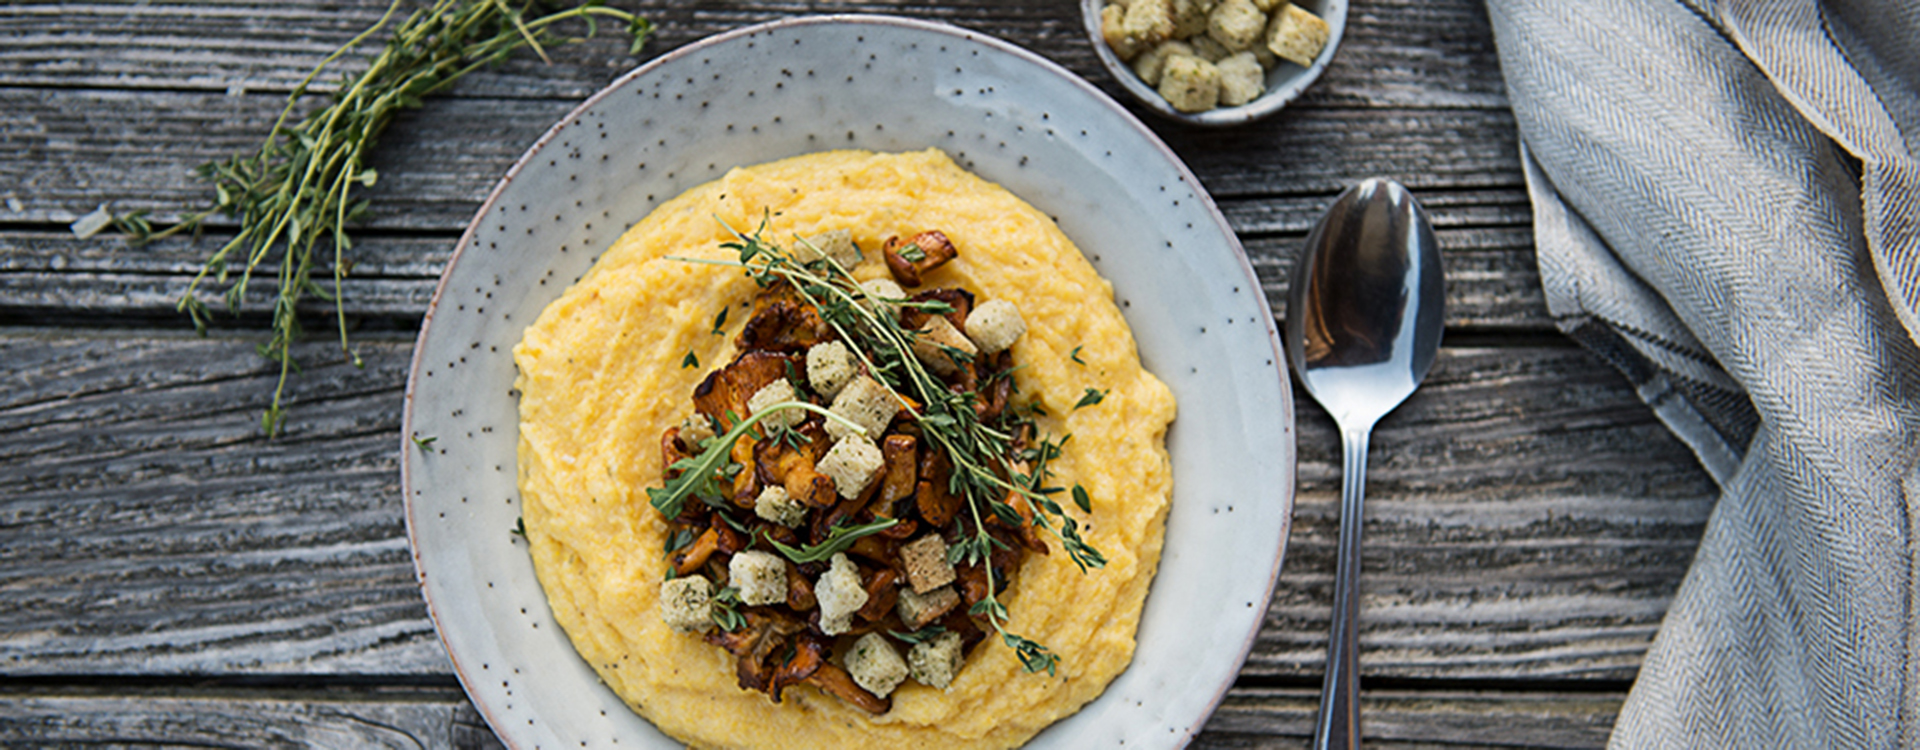 Cremige Polenta mit Schwammerln & Croutons